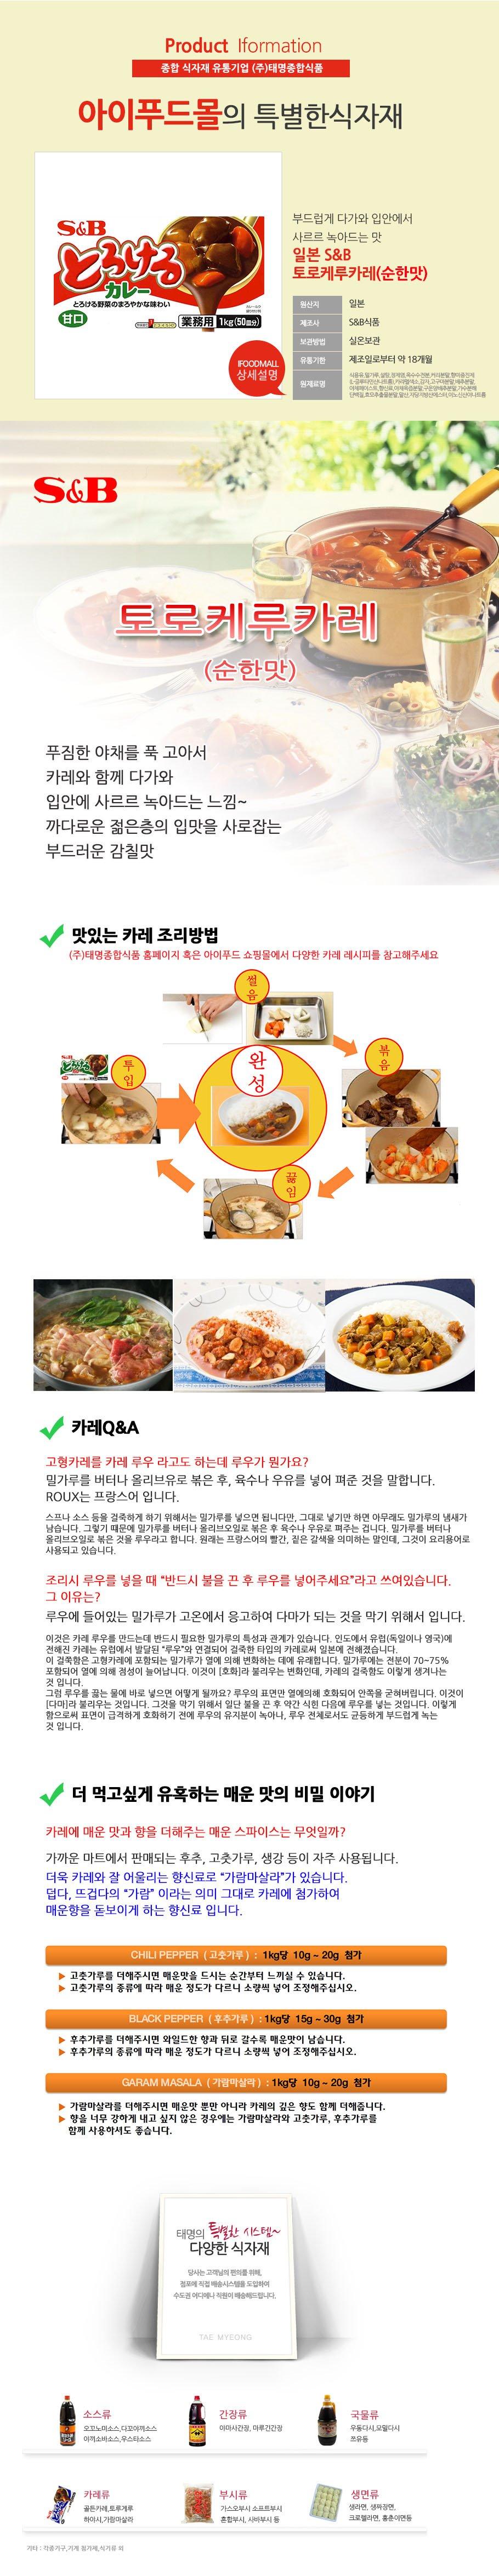 토로케루(순한맛).jpg